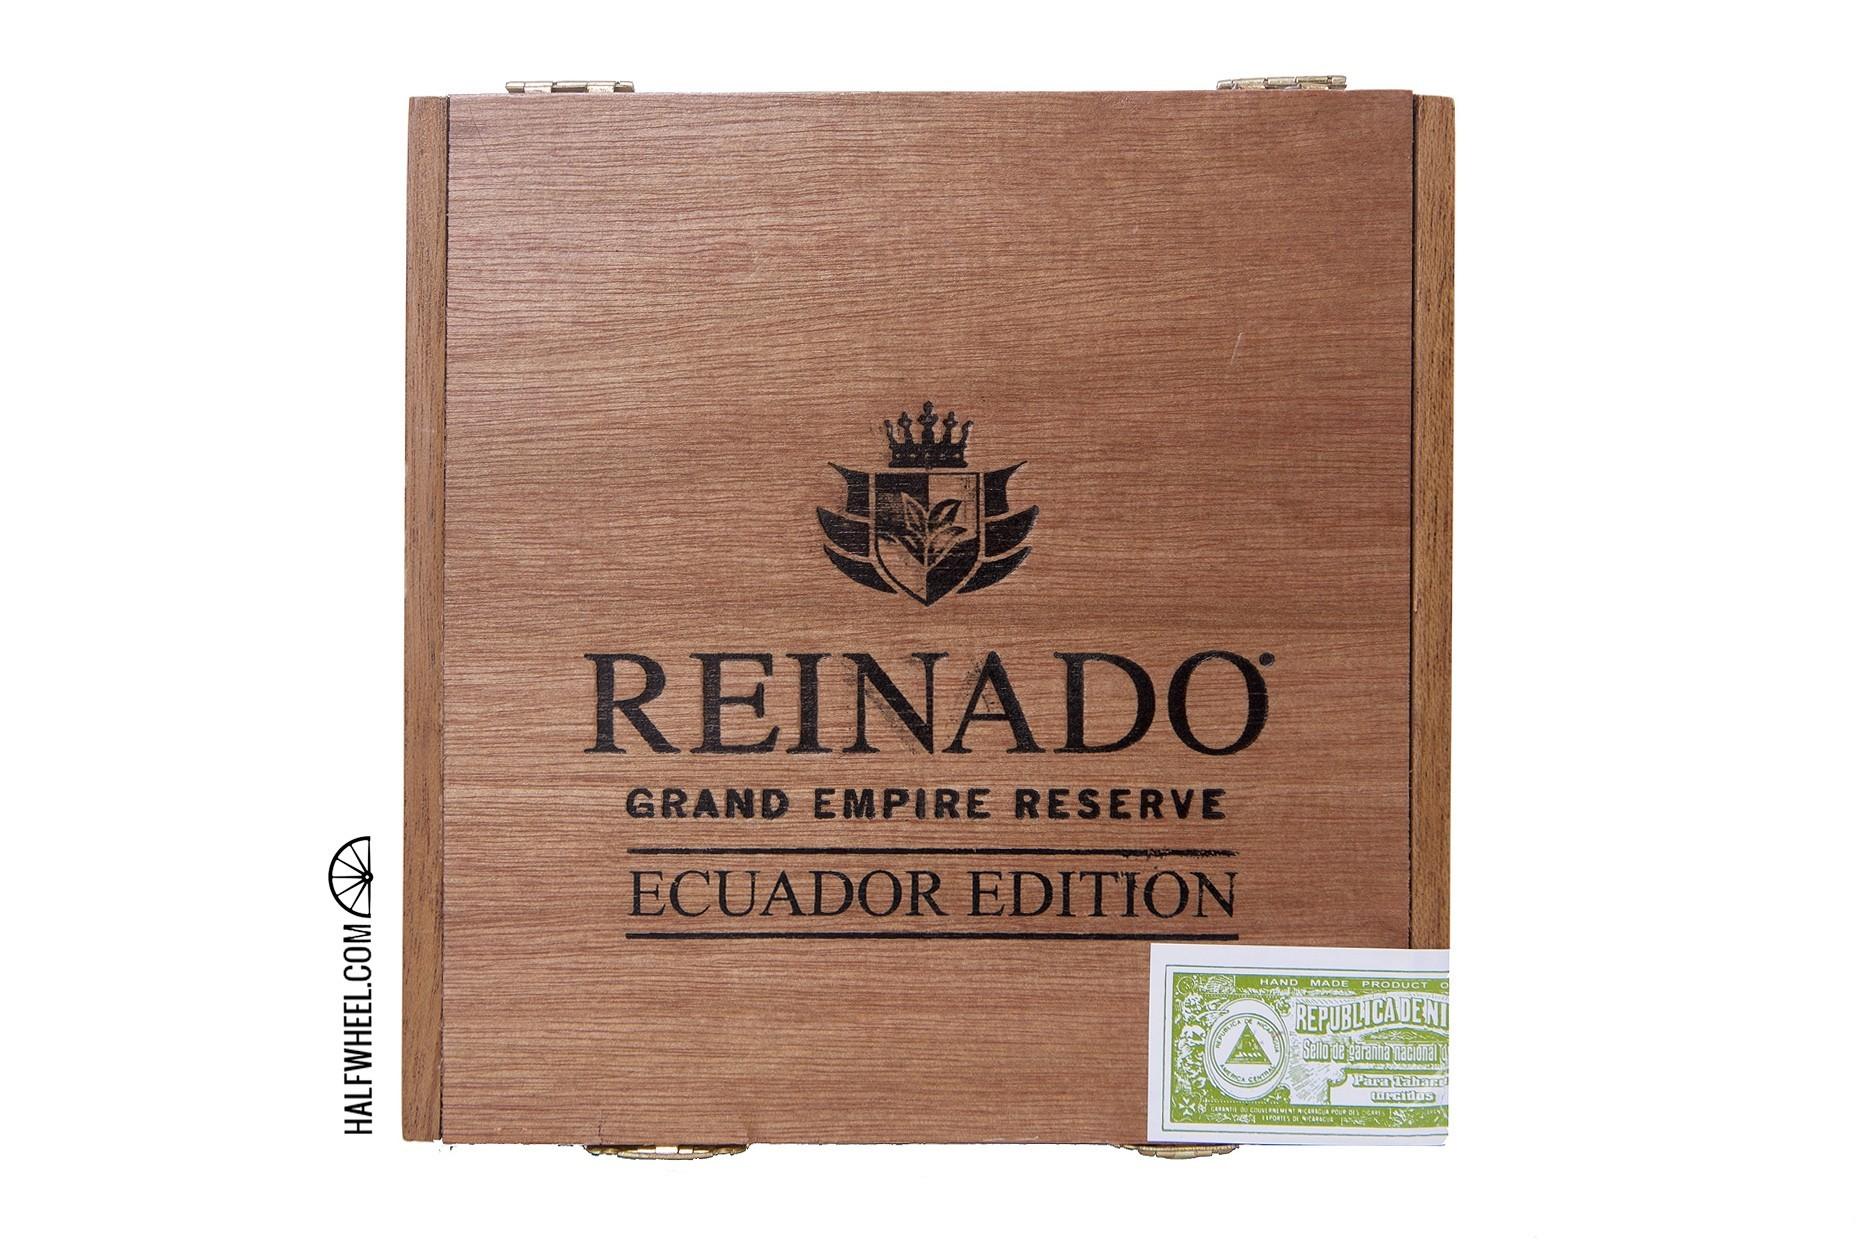 Reinado Grand Empire Reserve Ecuador Edition Box 1